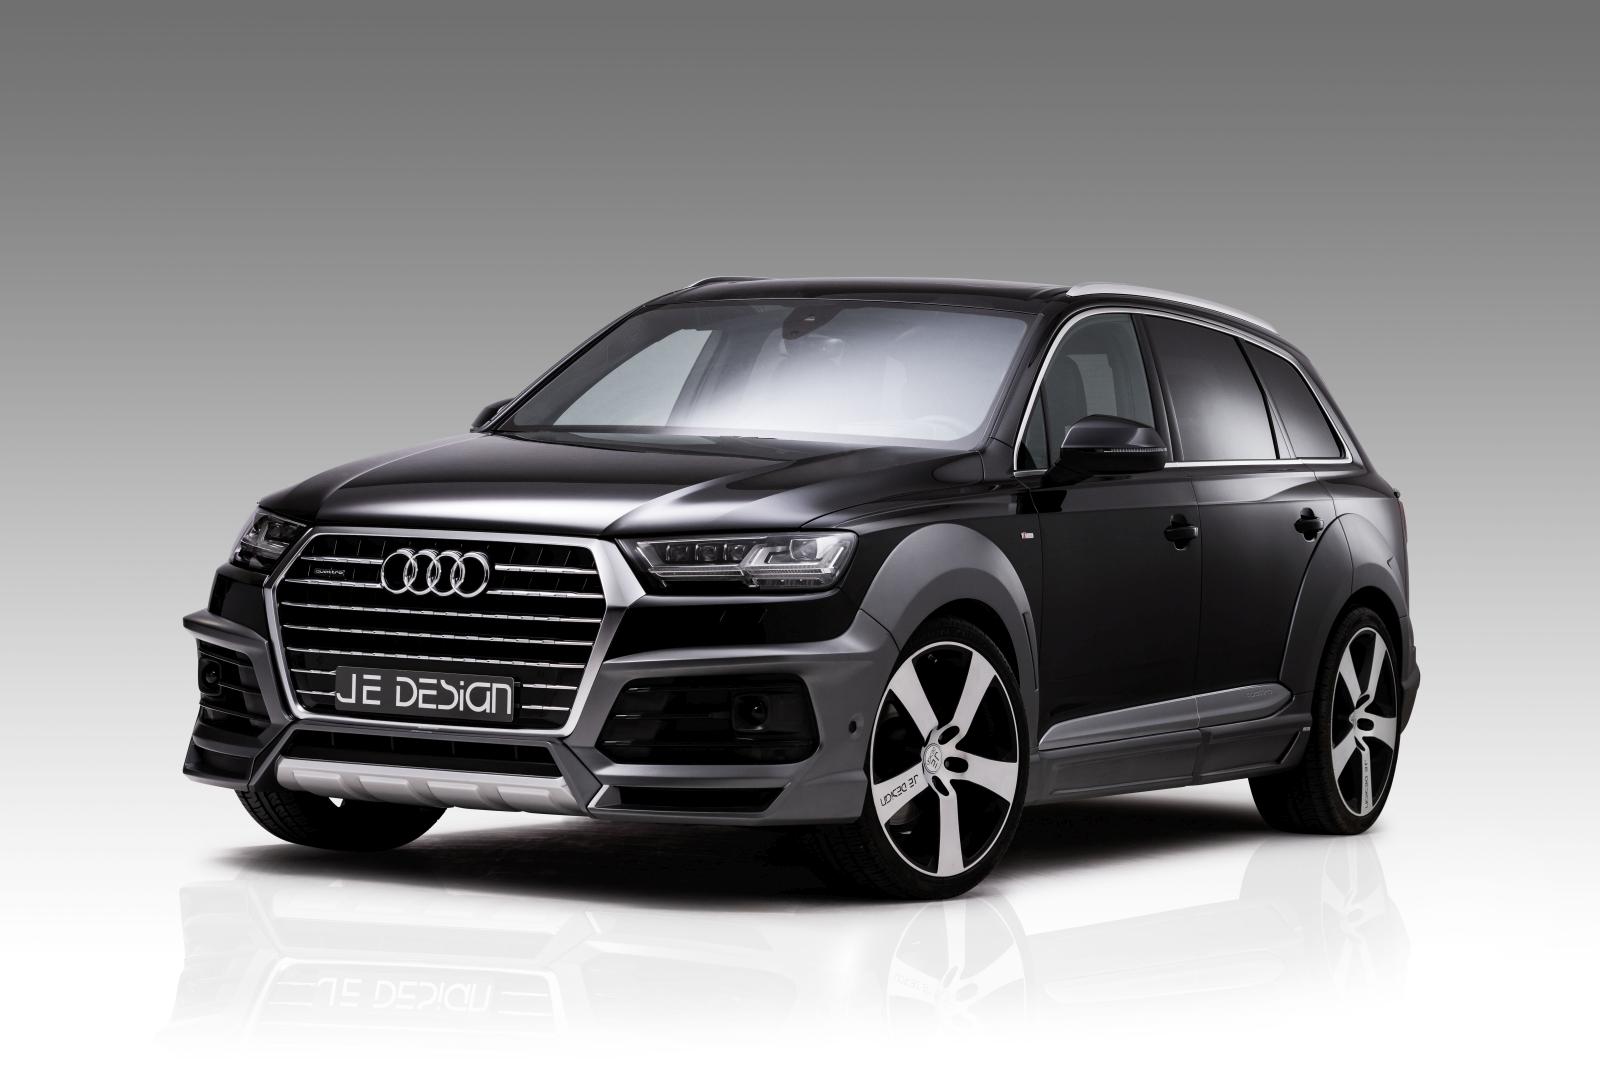 Je Design Audi Sq7 Tdi